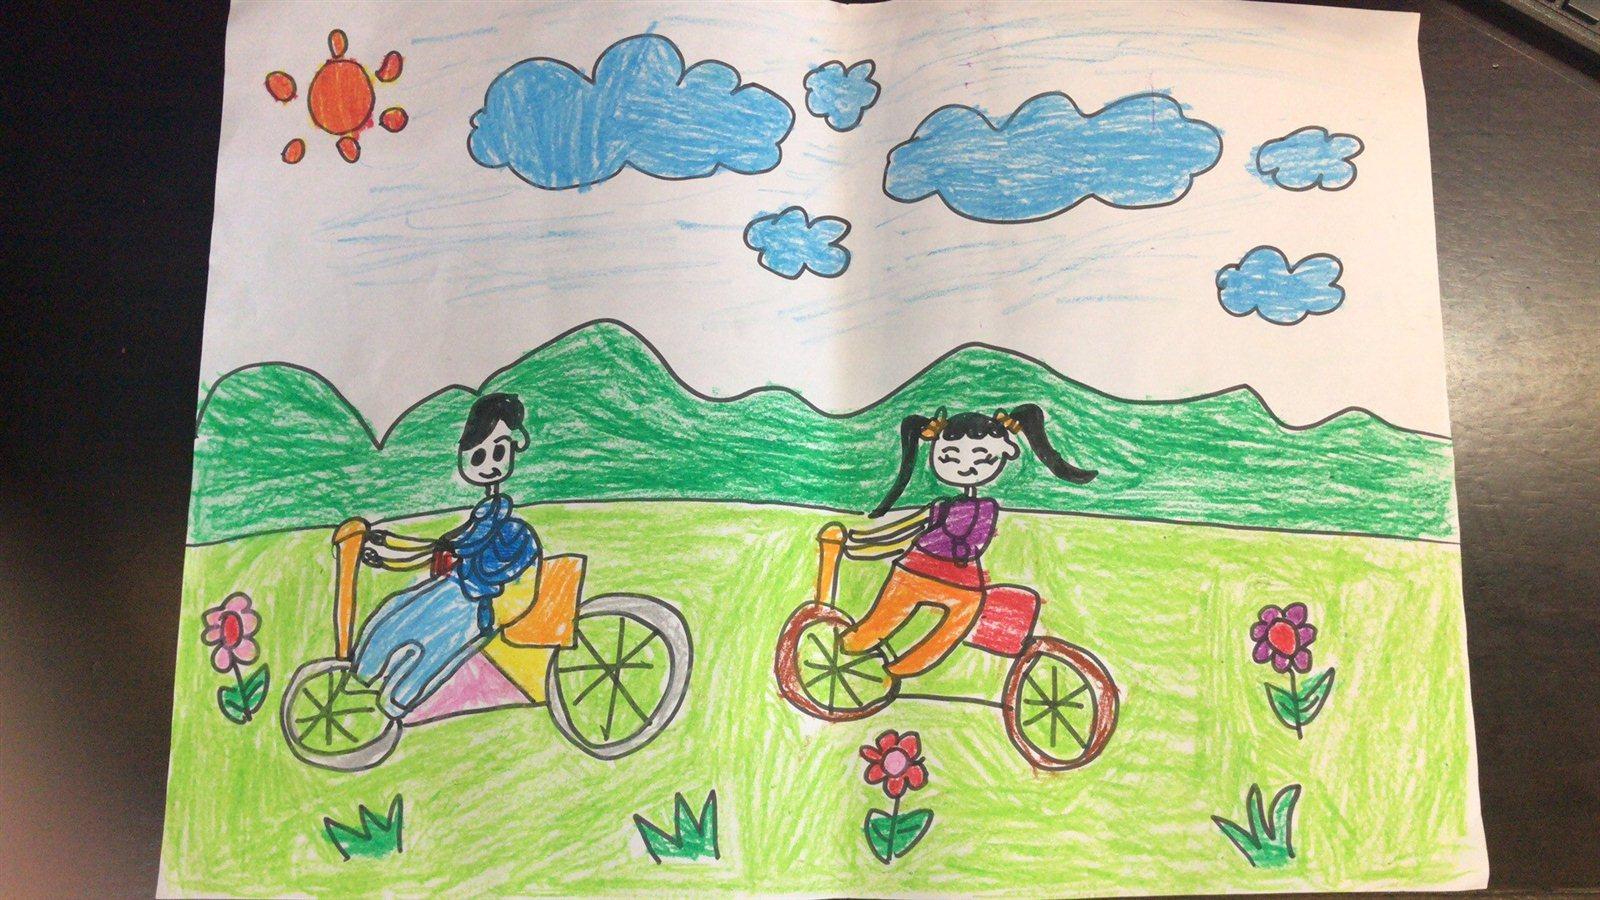 关于环保的儿童画作品-环保图片儿童画简单画_环保画_